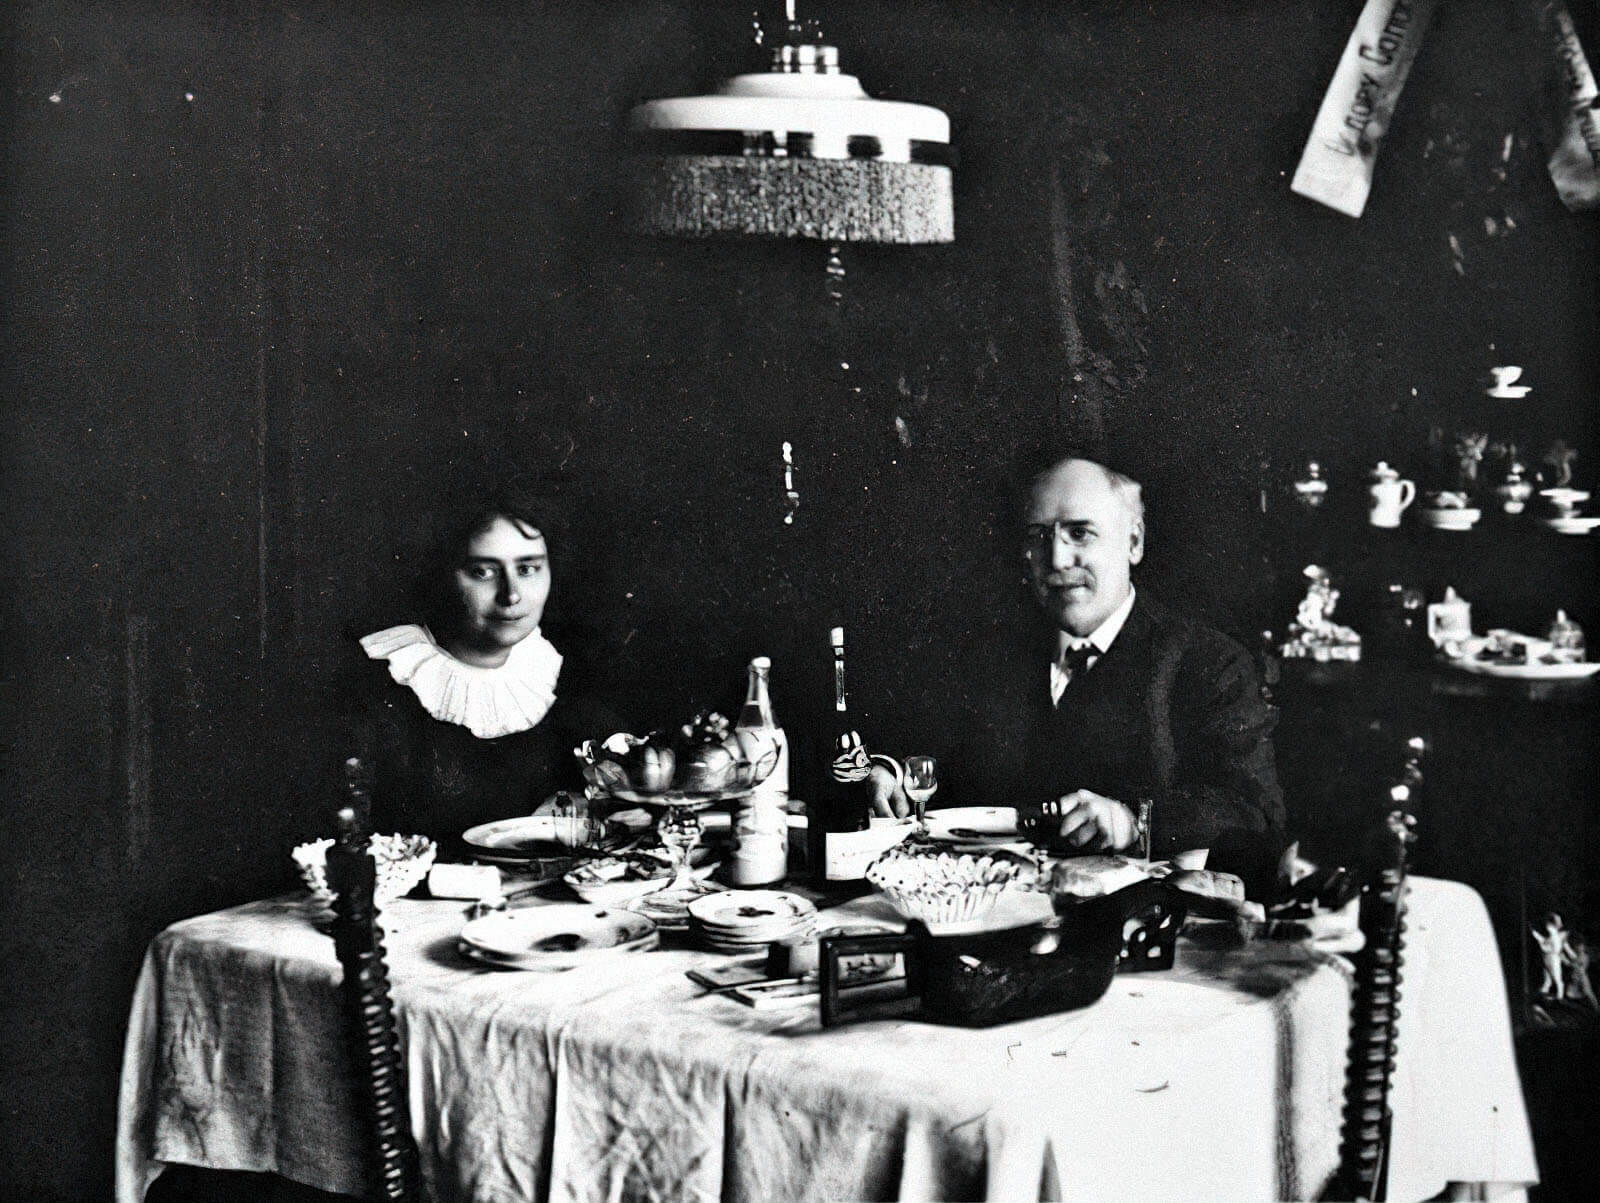 Федор Сологуб сженой Анастасией Чеботаревской, скоторой они устраивали усебя дома литературные салоны, 1900-е гг.